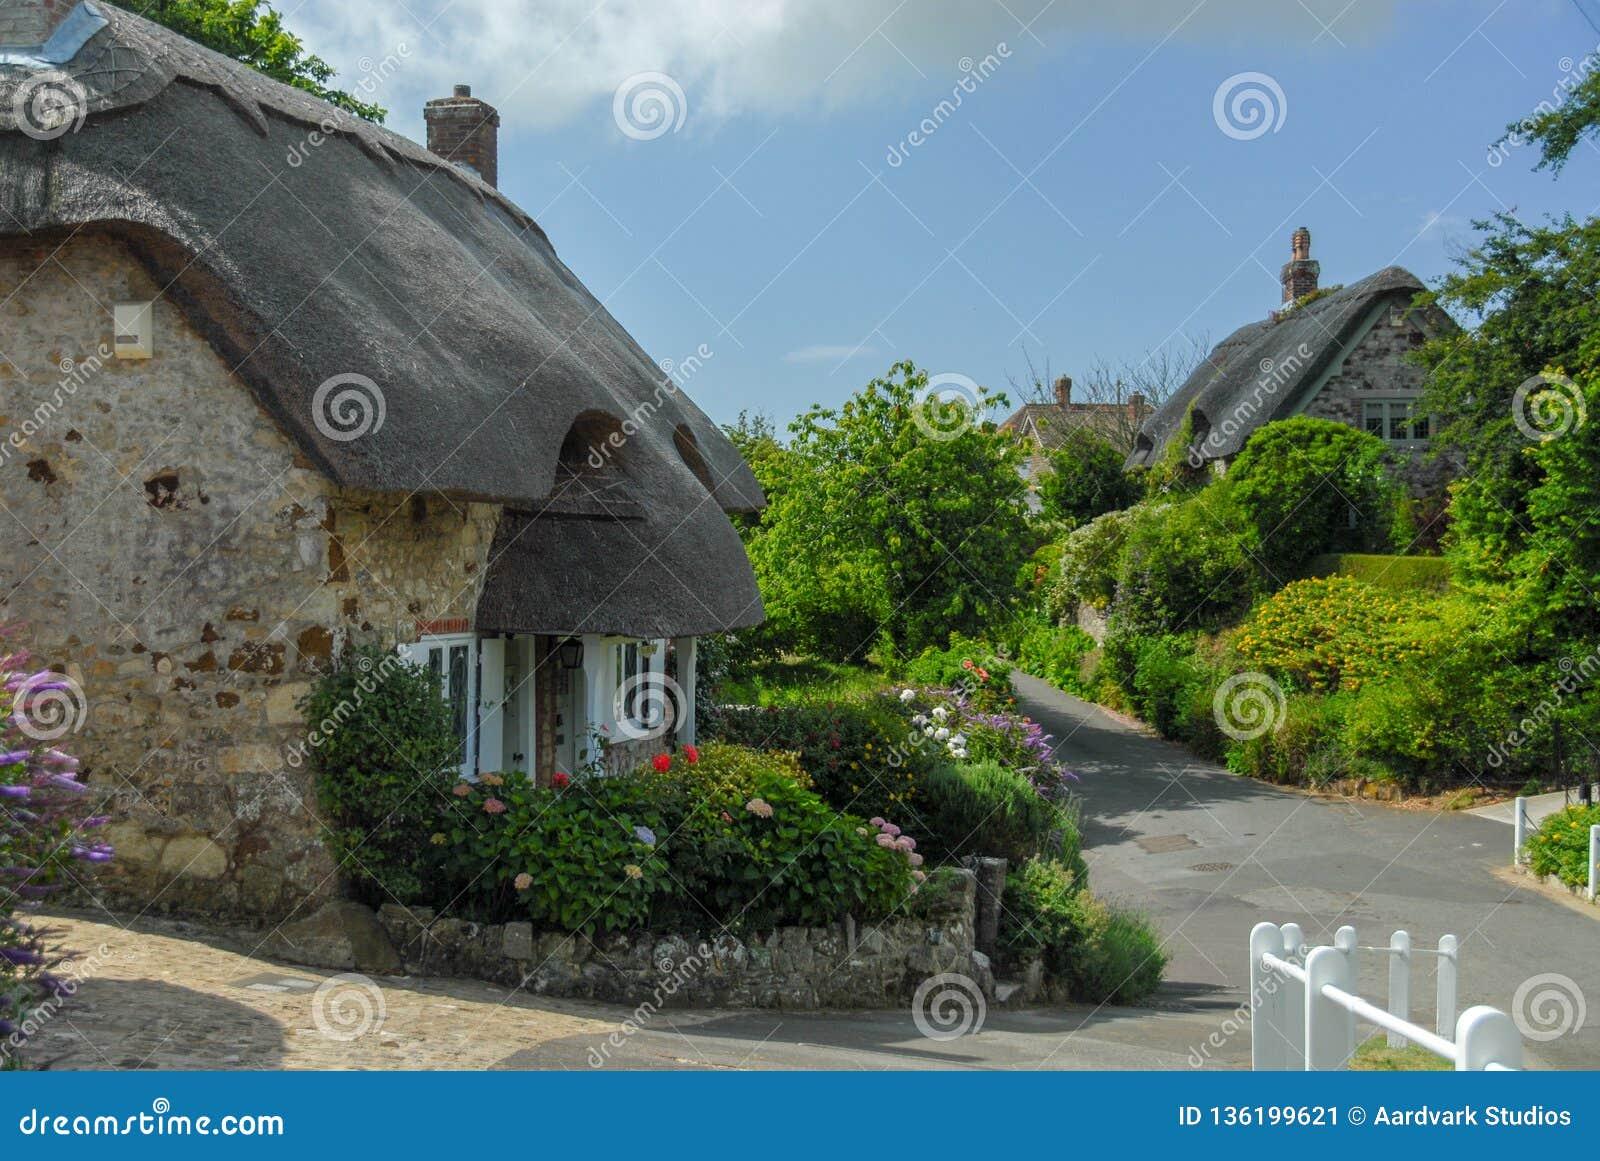 Traditionele Engelse vilagehuizen met met stro bedekt dak